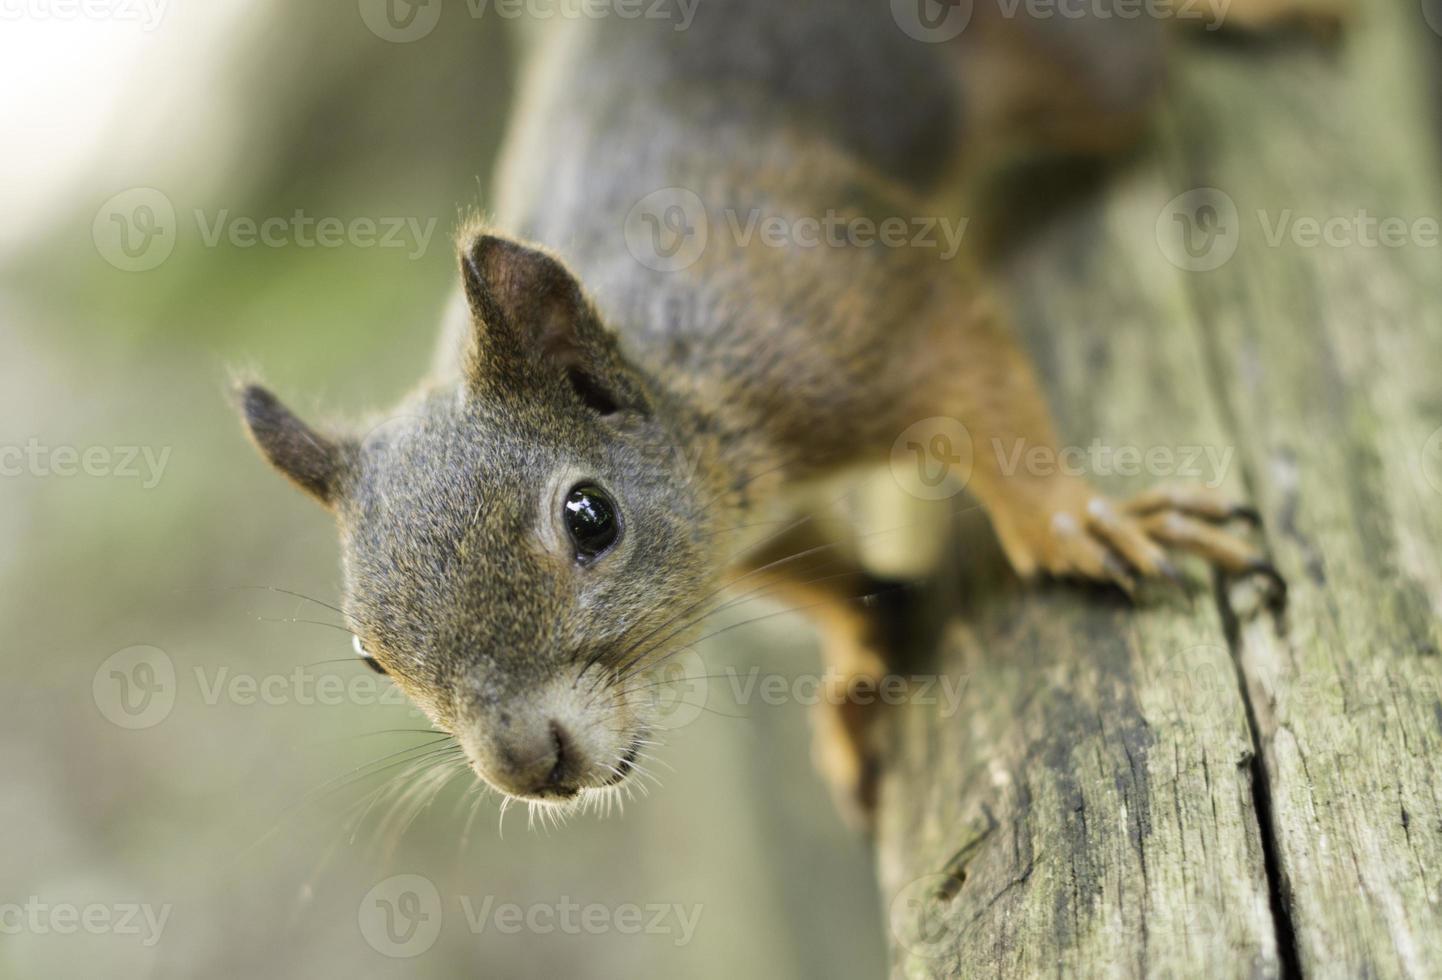 Eichhörnchen auf einer Schiene, die die Kamera betrachtet foto